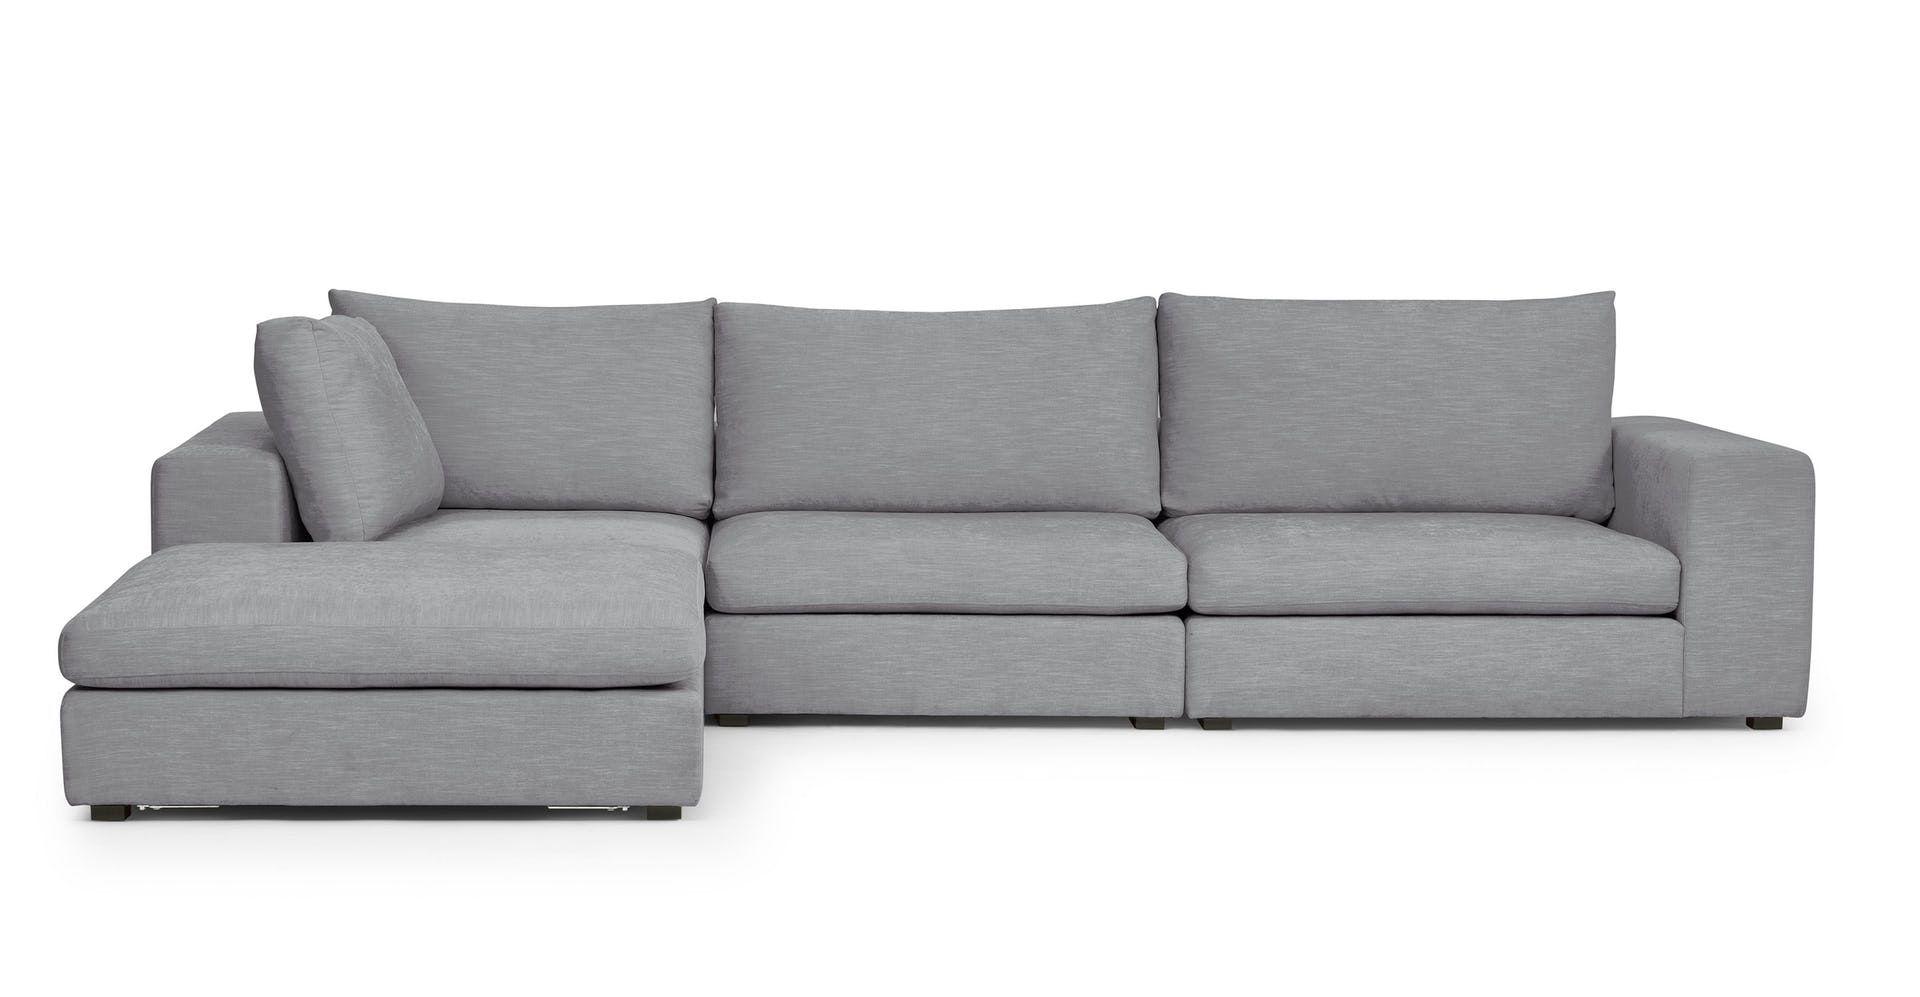 Gaba Gull Gray Left Modular Sectional Modern Sofa Sectional Mid Century Modern Sectional Sofa Modular Sectional Sofa